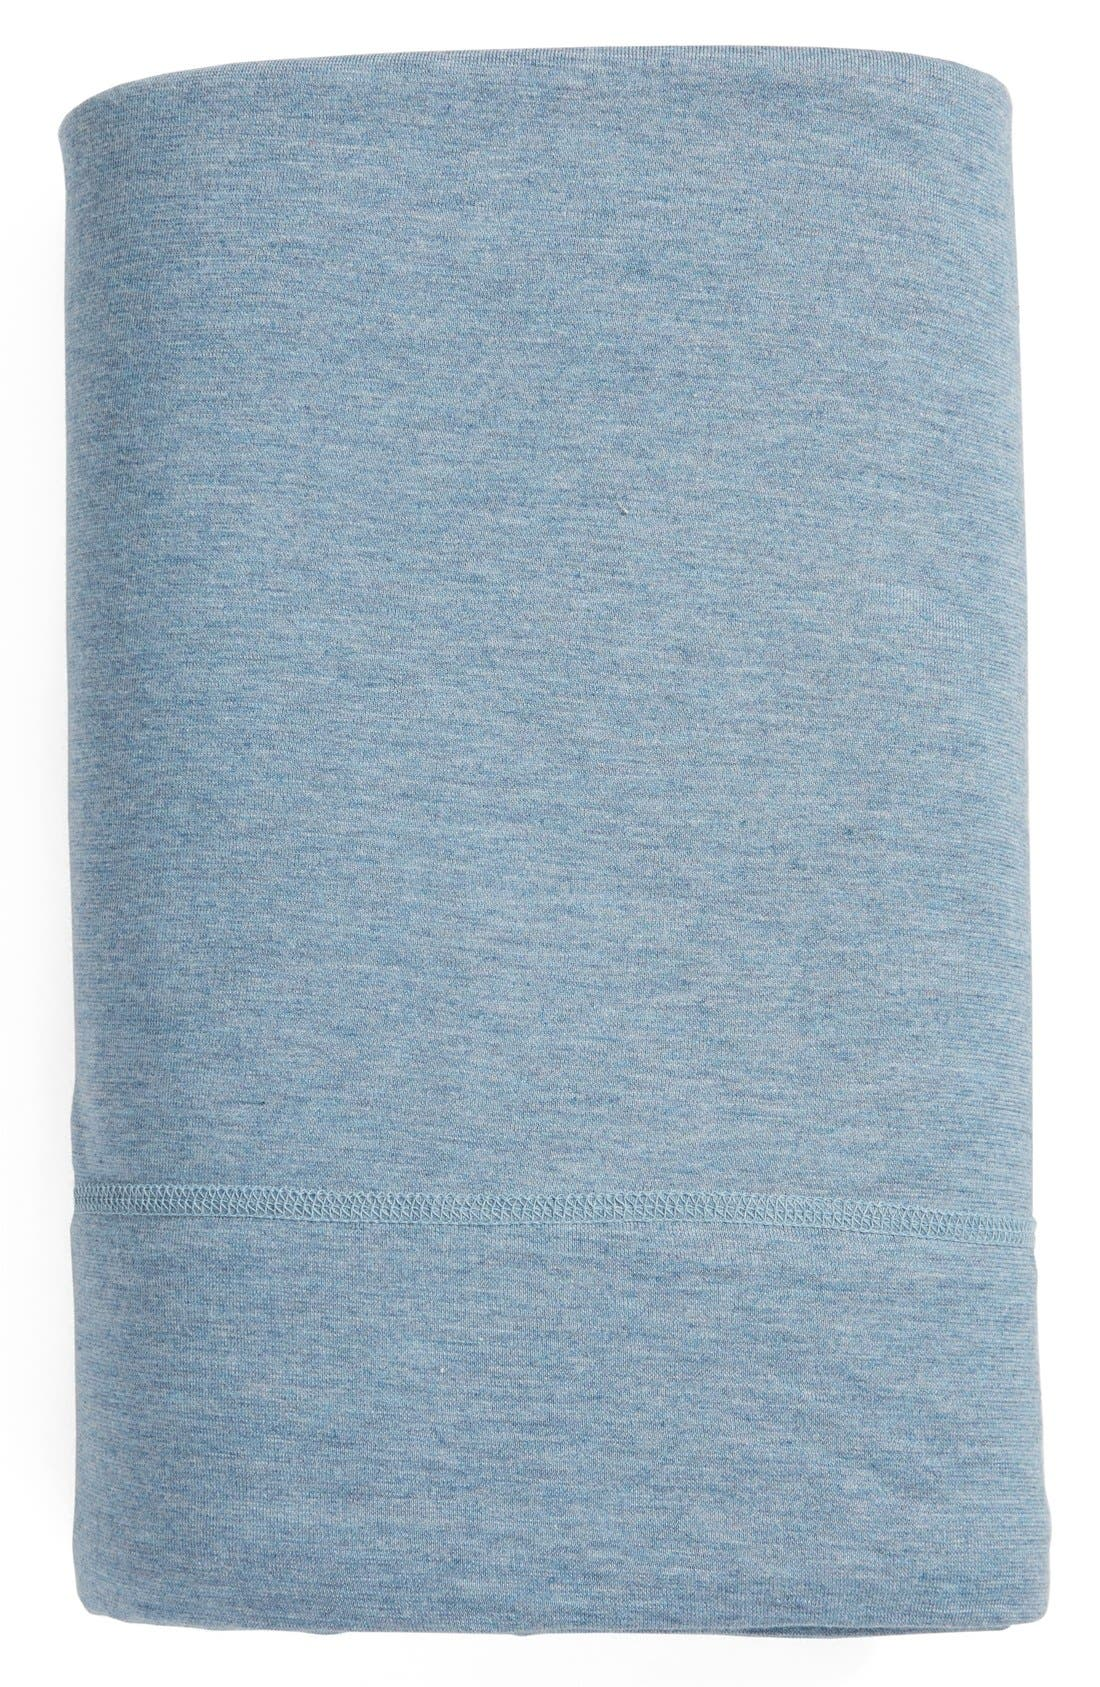 Calvin Klein Modern Cotton Collection Cotton & Modal Flat Sheet